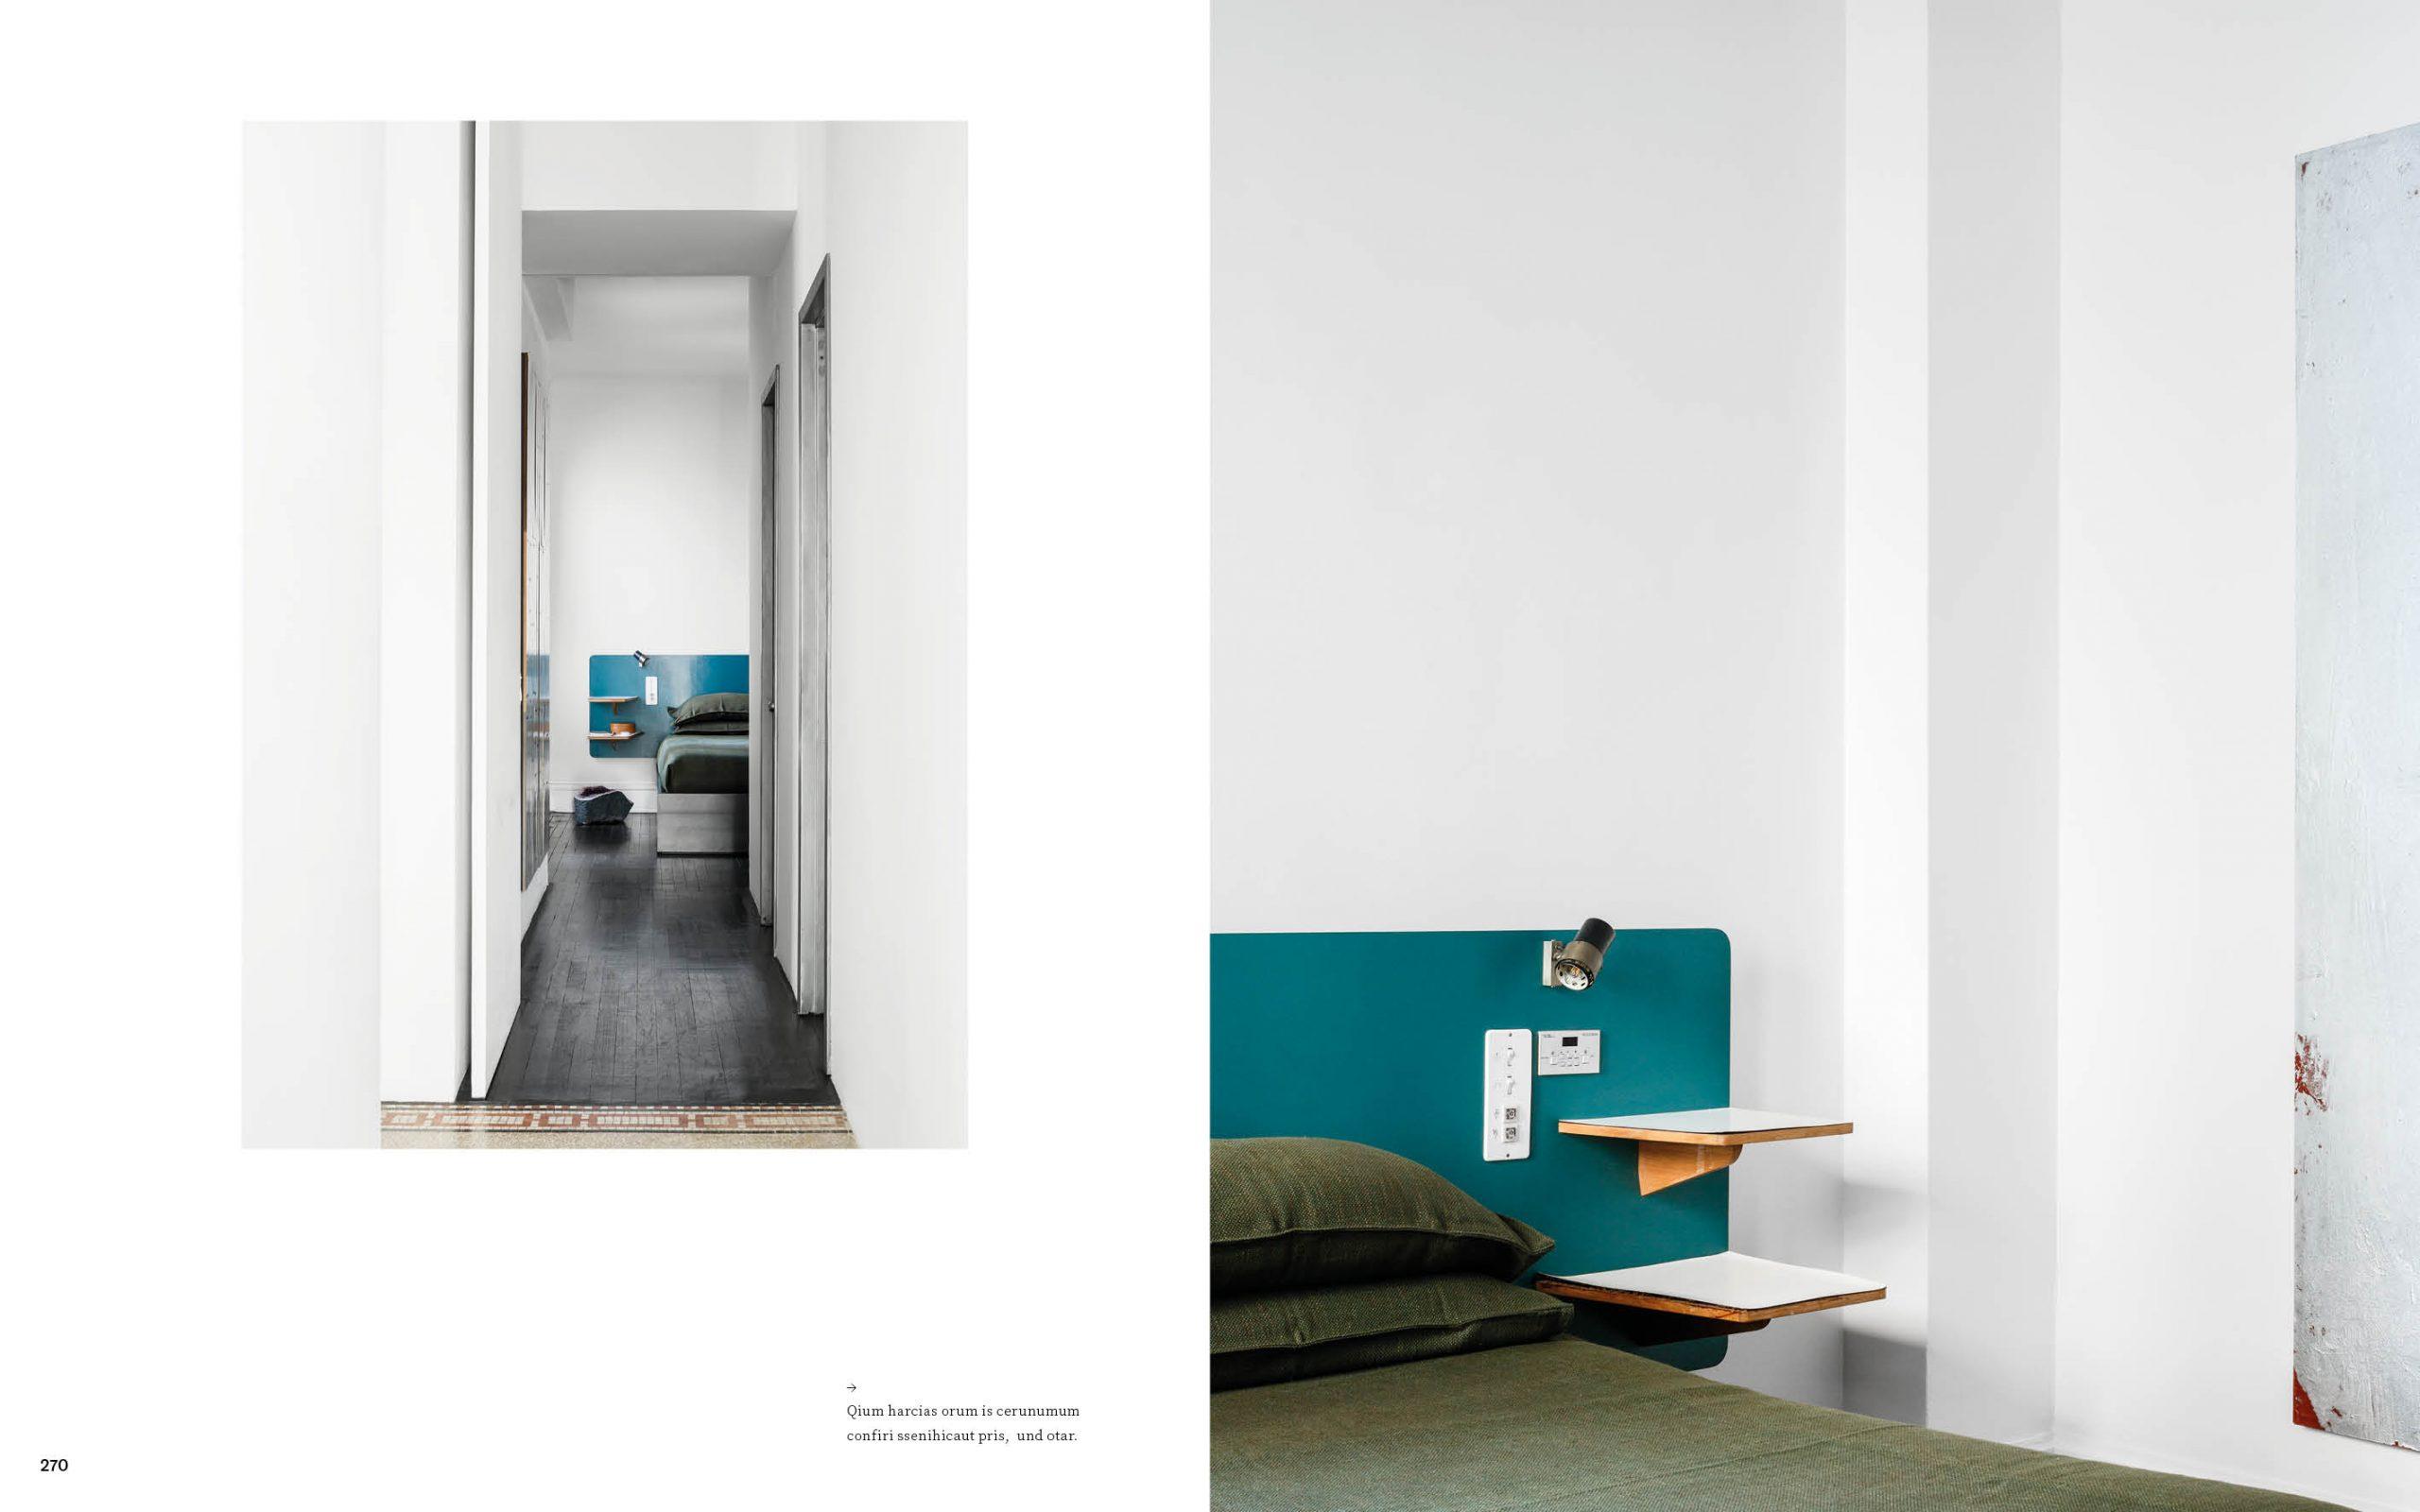 nicoletta-dalfino-locatelli-partners-rizzoli-book-pp270-271-scaled